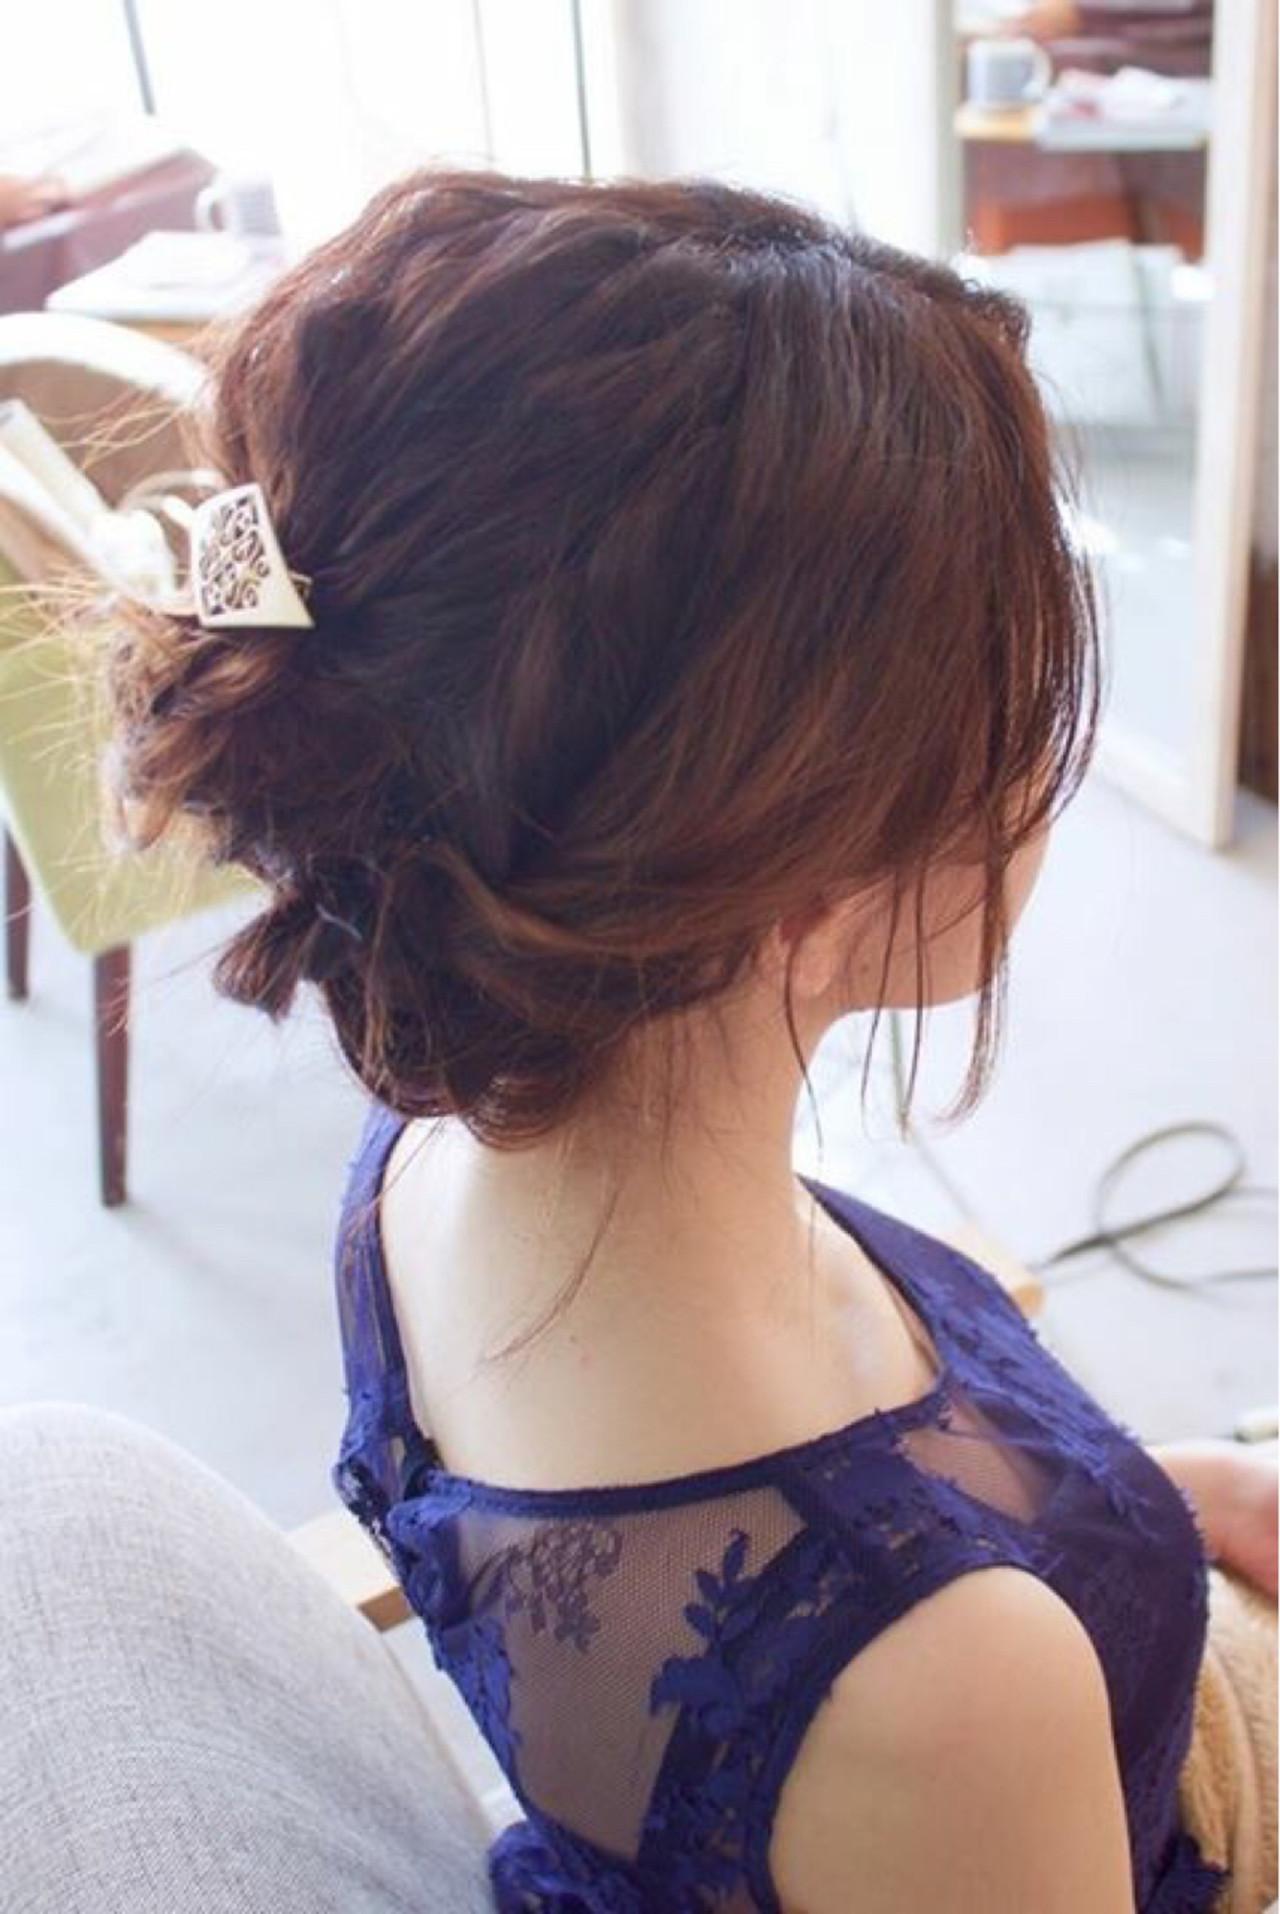 ミディアム デート 結婚式 ヘアアレンジ ヘアスタイルや髪型の写真・画像 | 大西 つねお /  ELMO